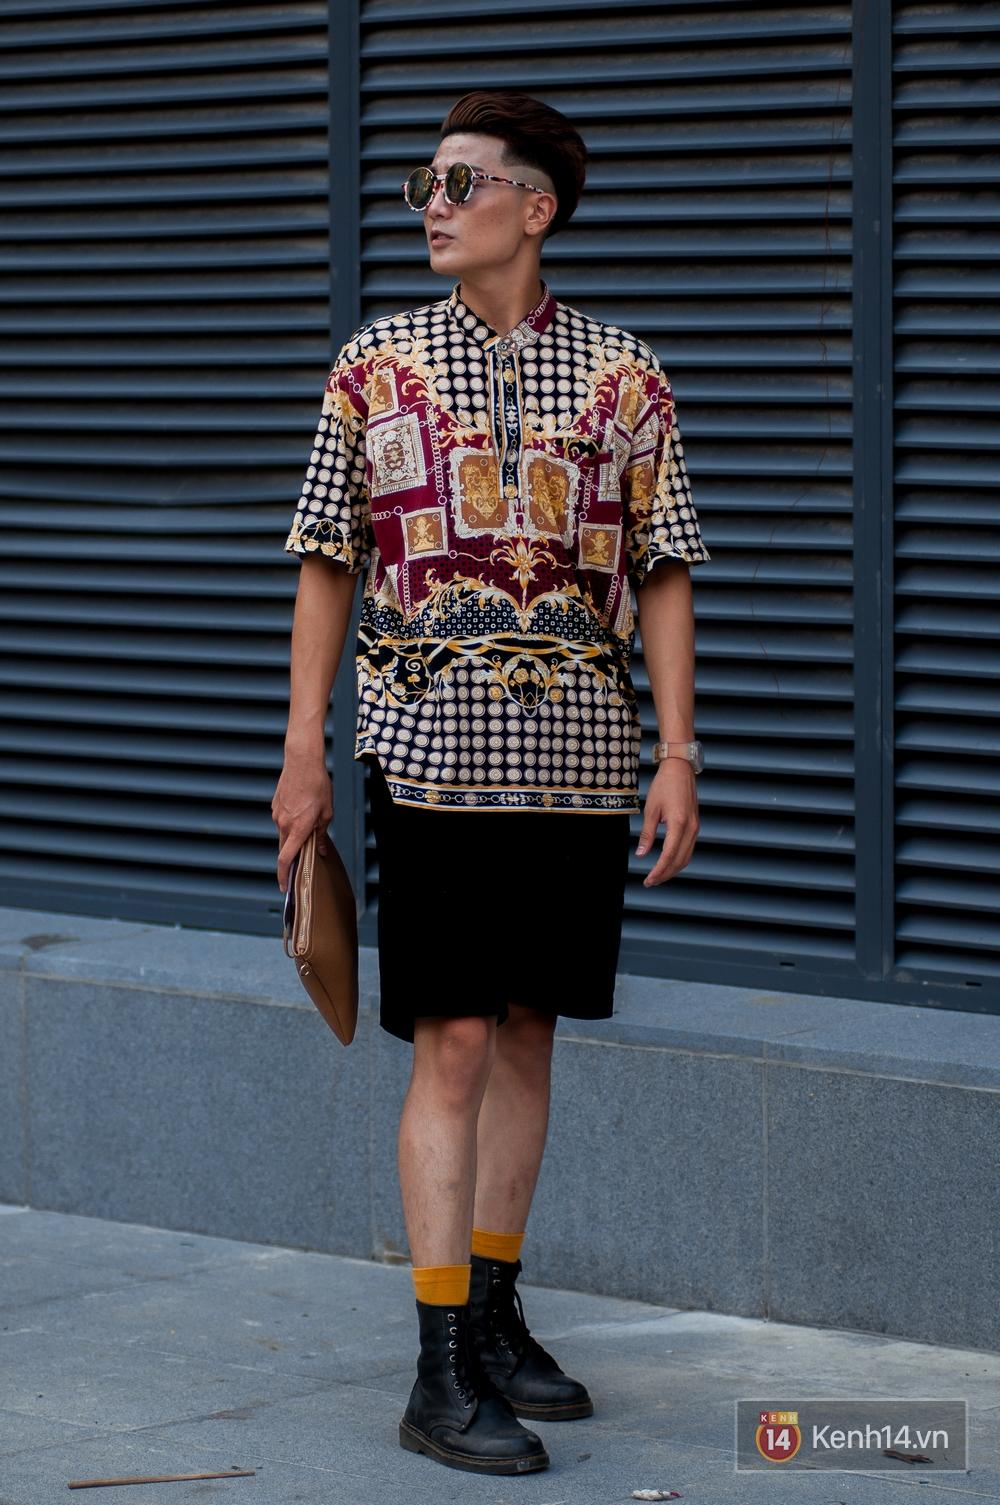 Trời nóng đến mấy cũng không ngăn được giới trẻ Việt diện đồ tầng lớp chất như chụp ảnh tạp chí - Ảnh 9.